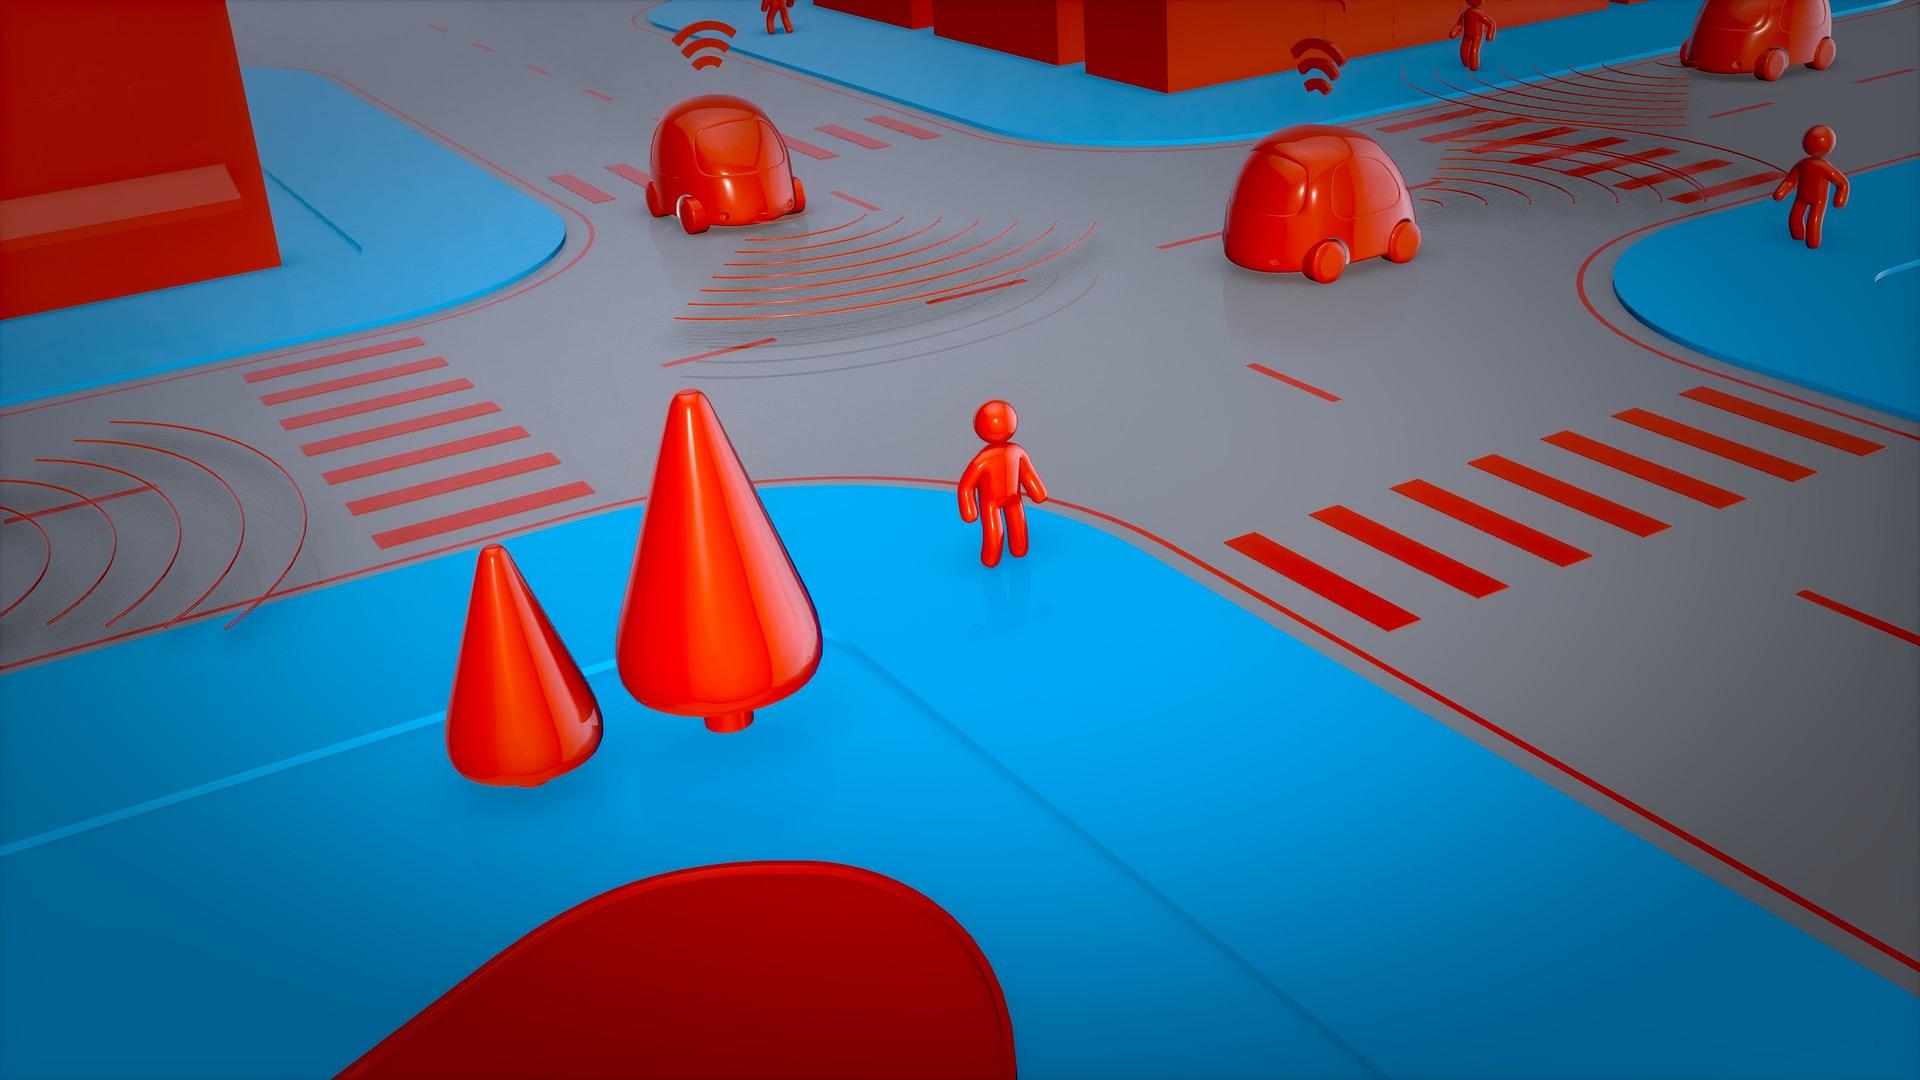 Stellantis e C-Roads Italy: un progetto per la Guida Autonoma